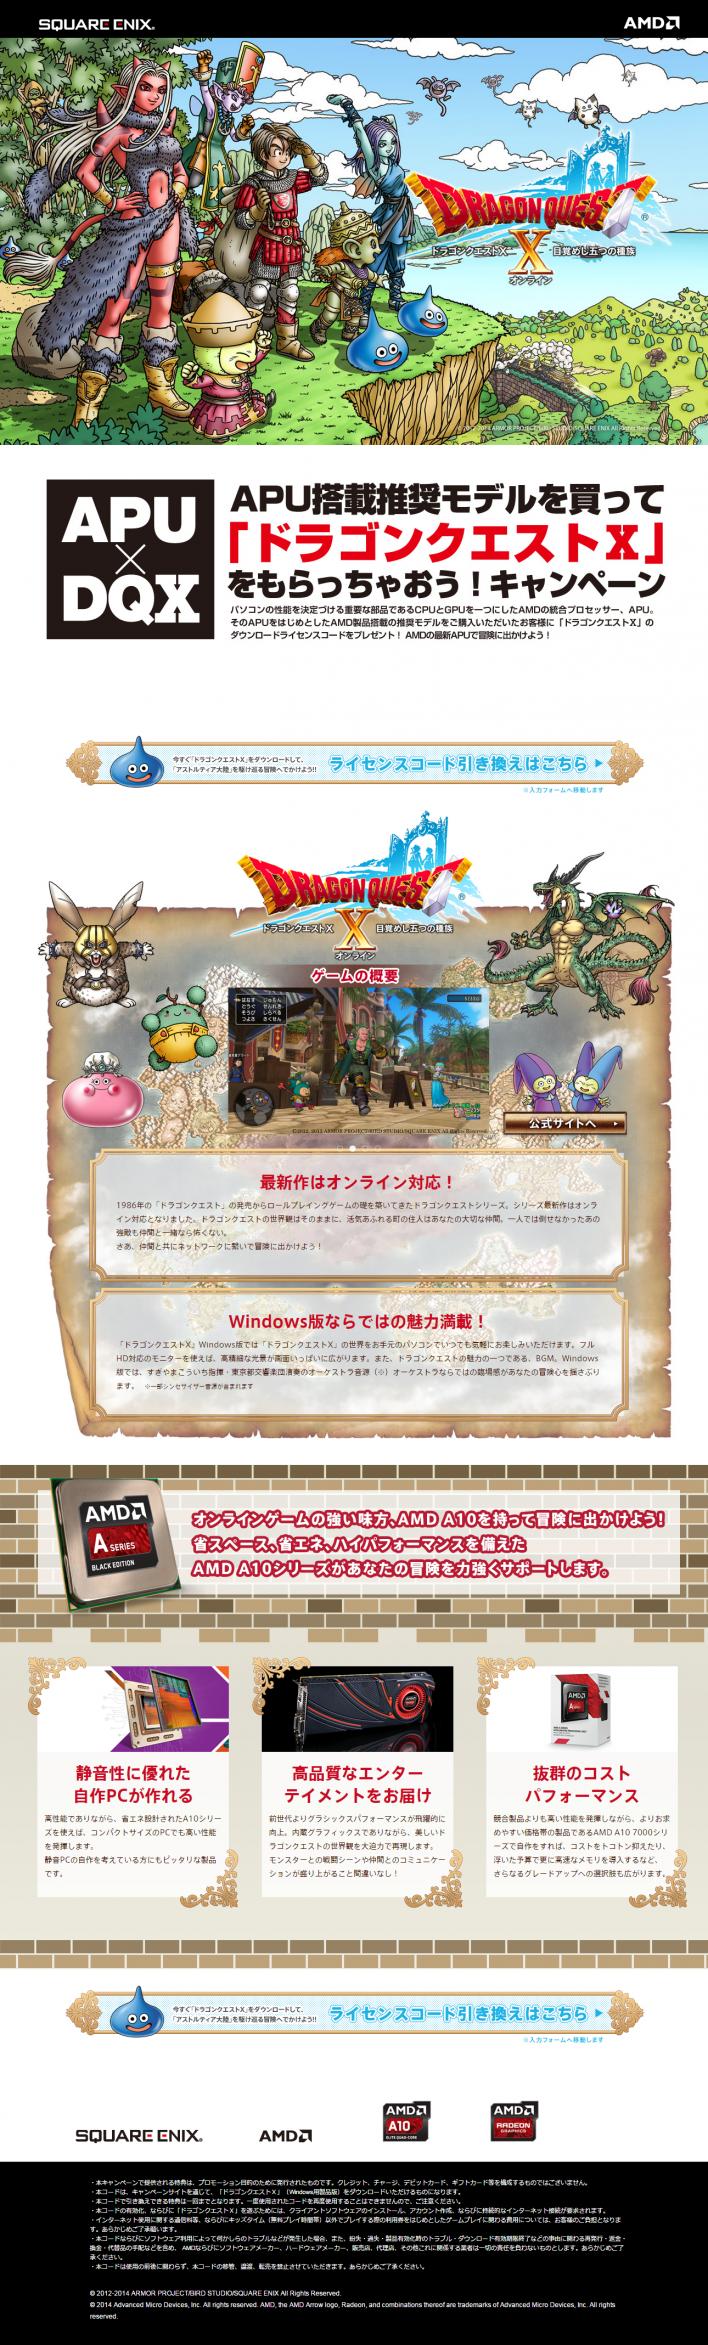 ドラゴンクエストX ダウンロードライセンスプレゼントキャンペーン (1)